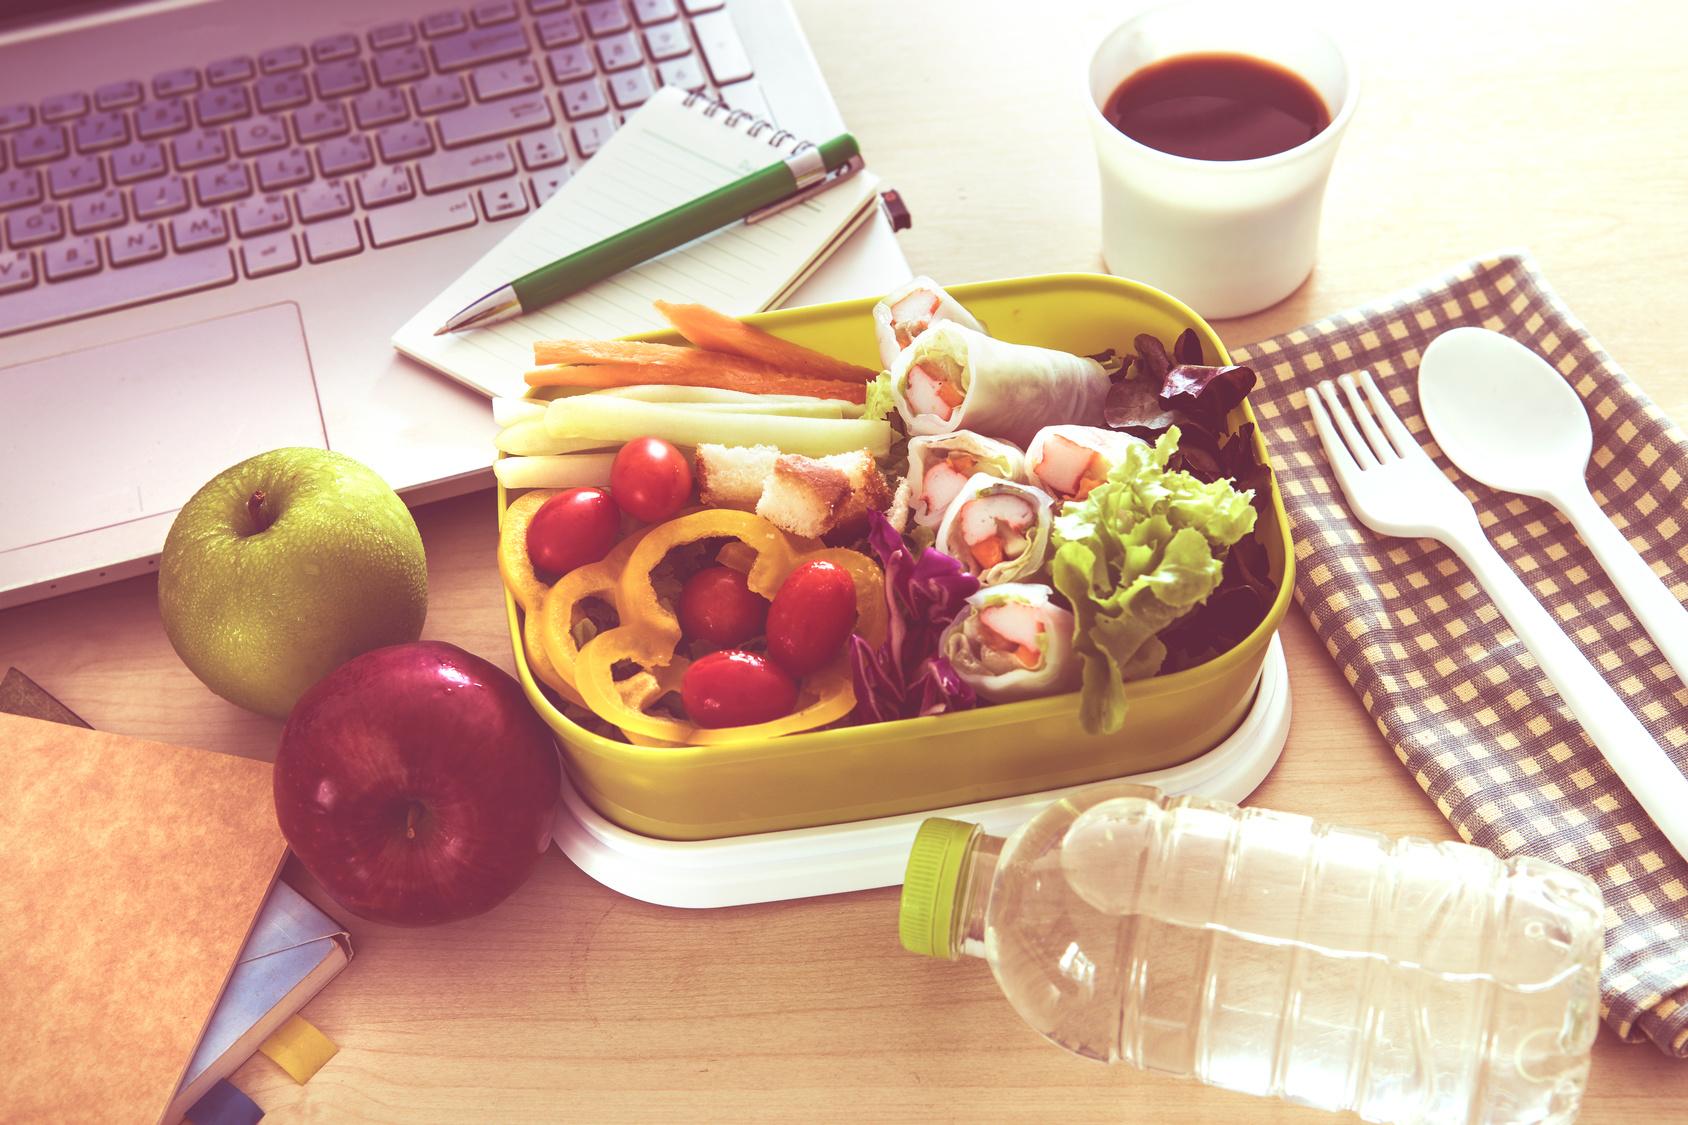 Obst, Gemüse und selbstgemachte Snacks sind eine schnelle Lösung für ein gesundes Mittagessen im Büro